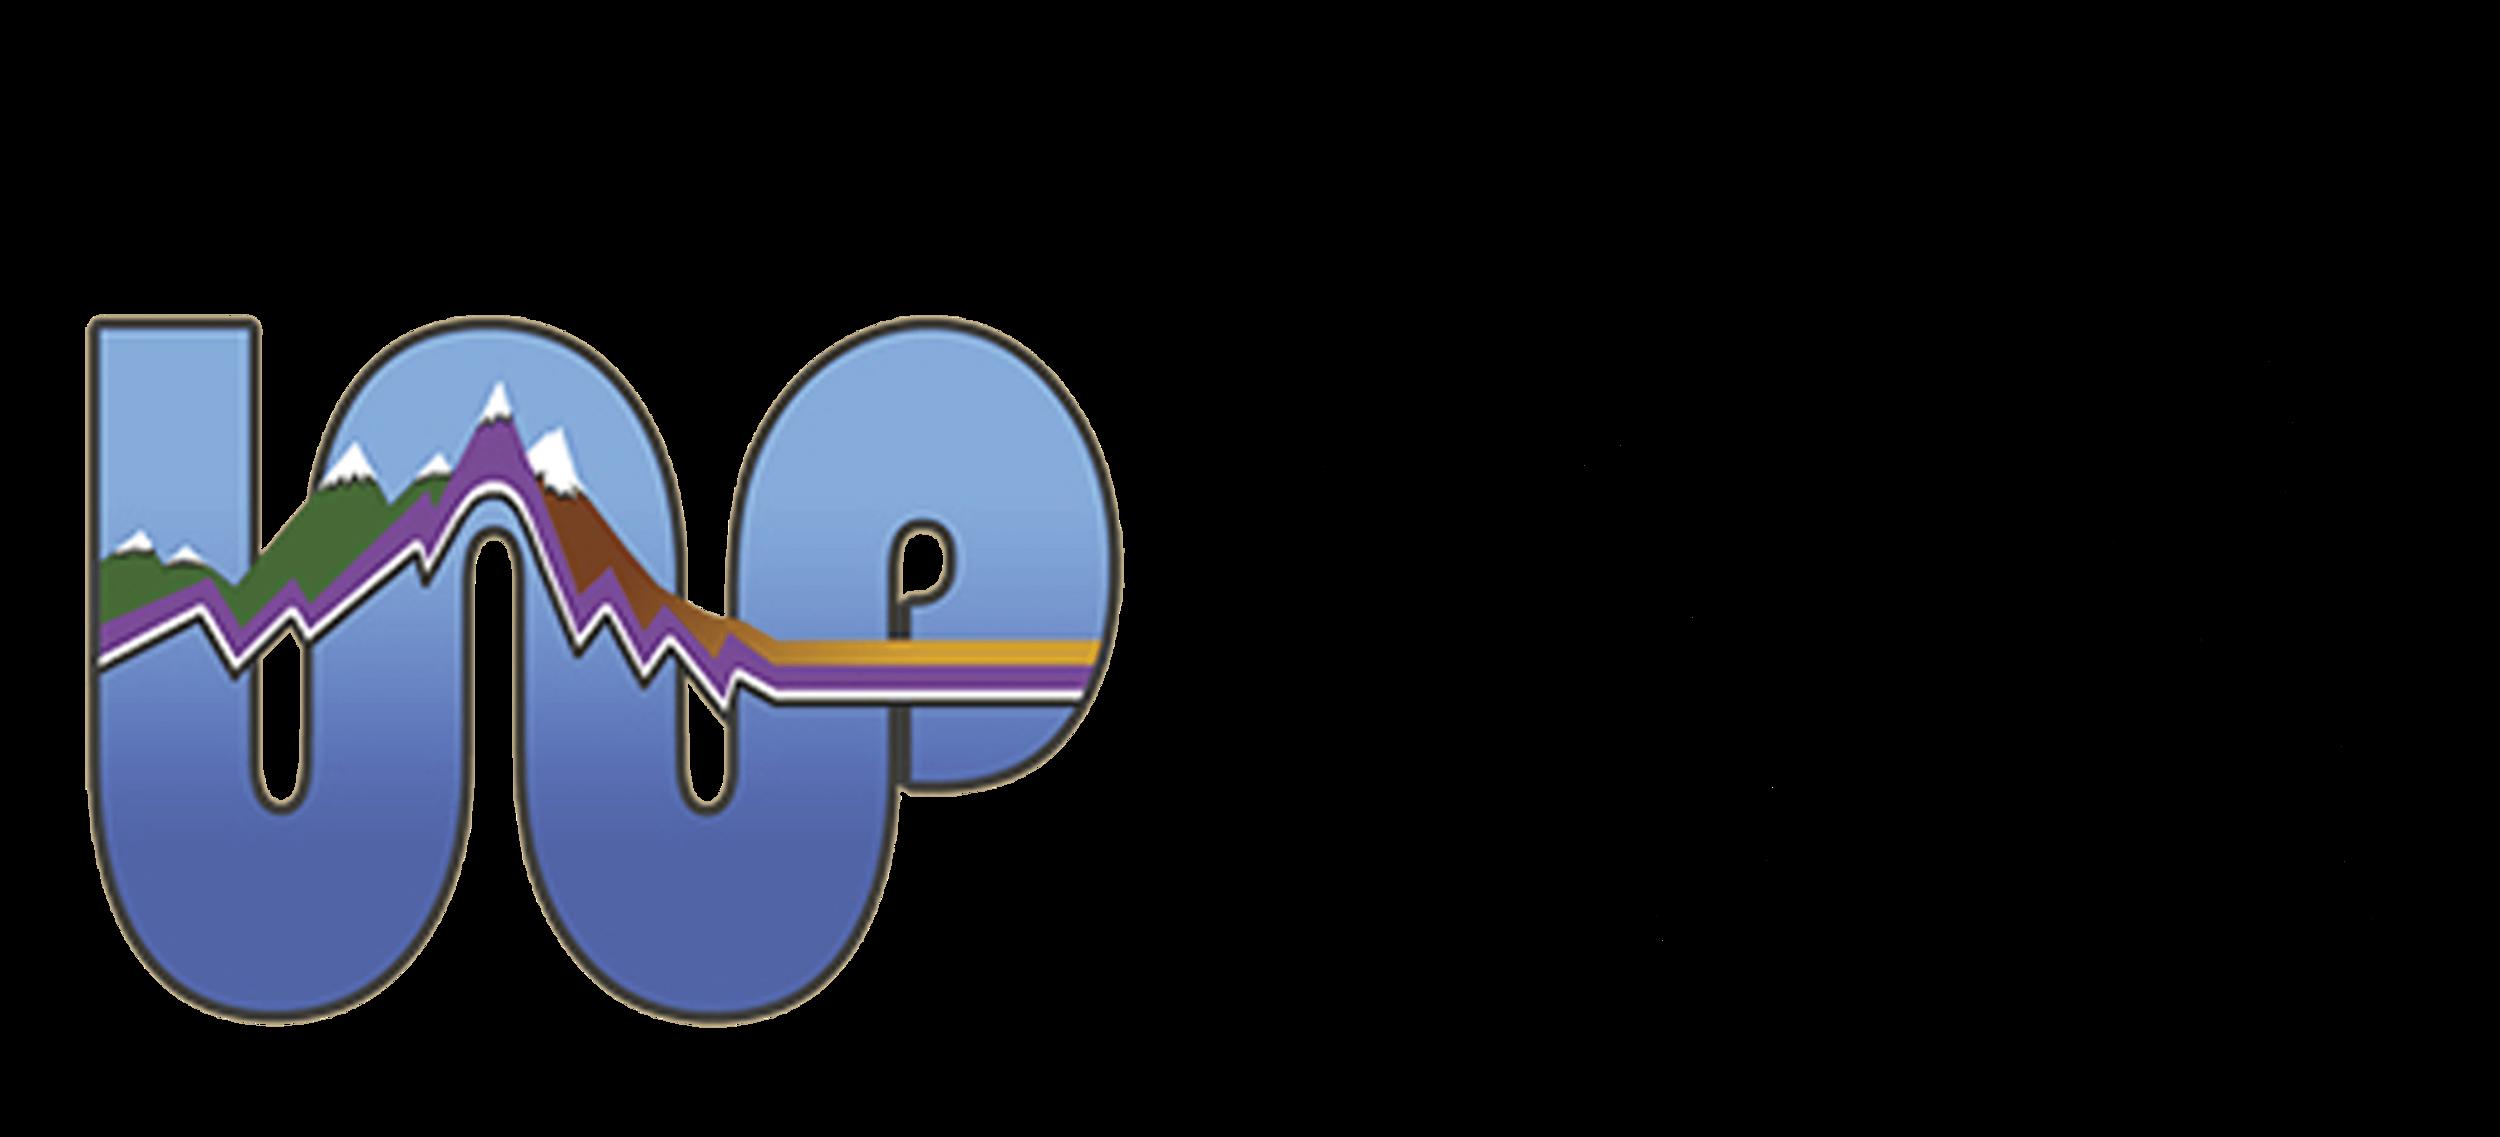 2018-wp-logo.png